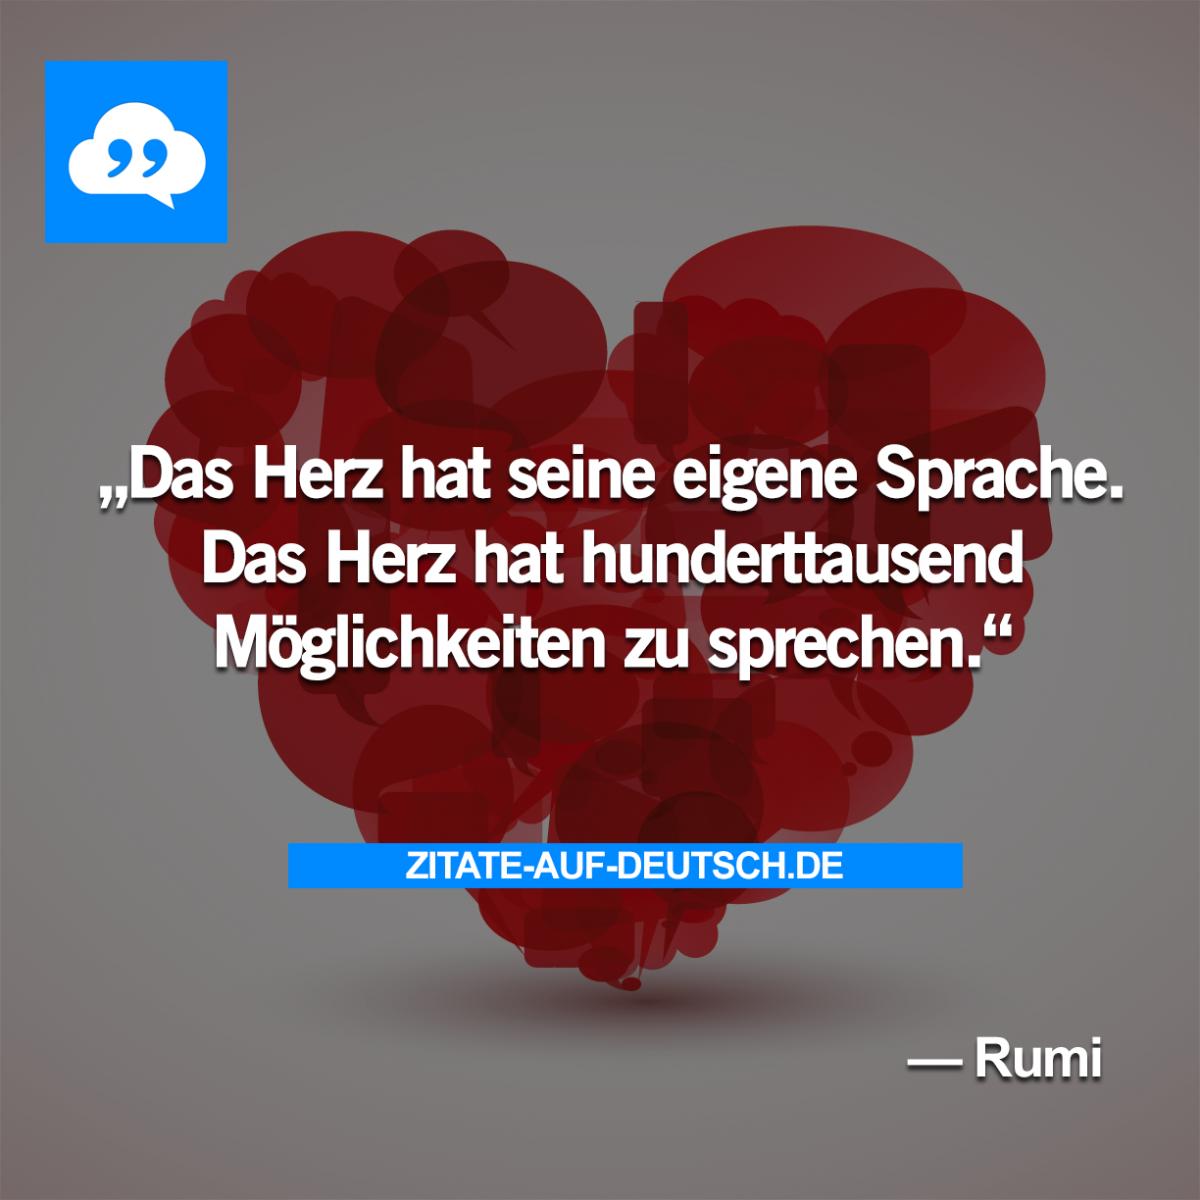 Herz Moglichkeiteen Sprache Spruch Spruche Zitat Zitate Rumi